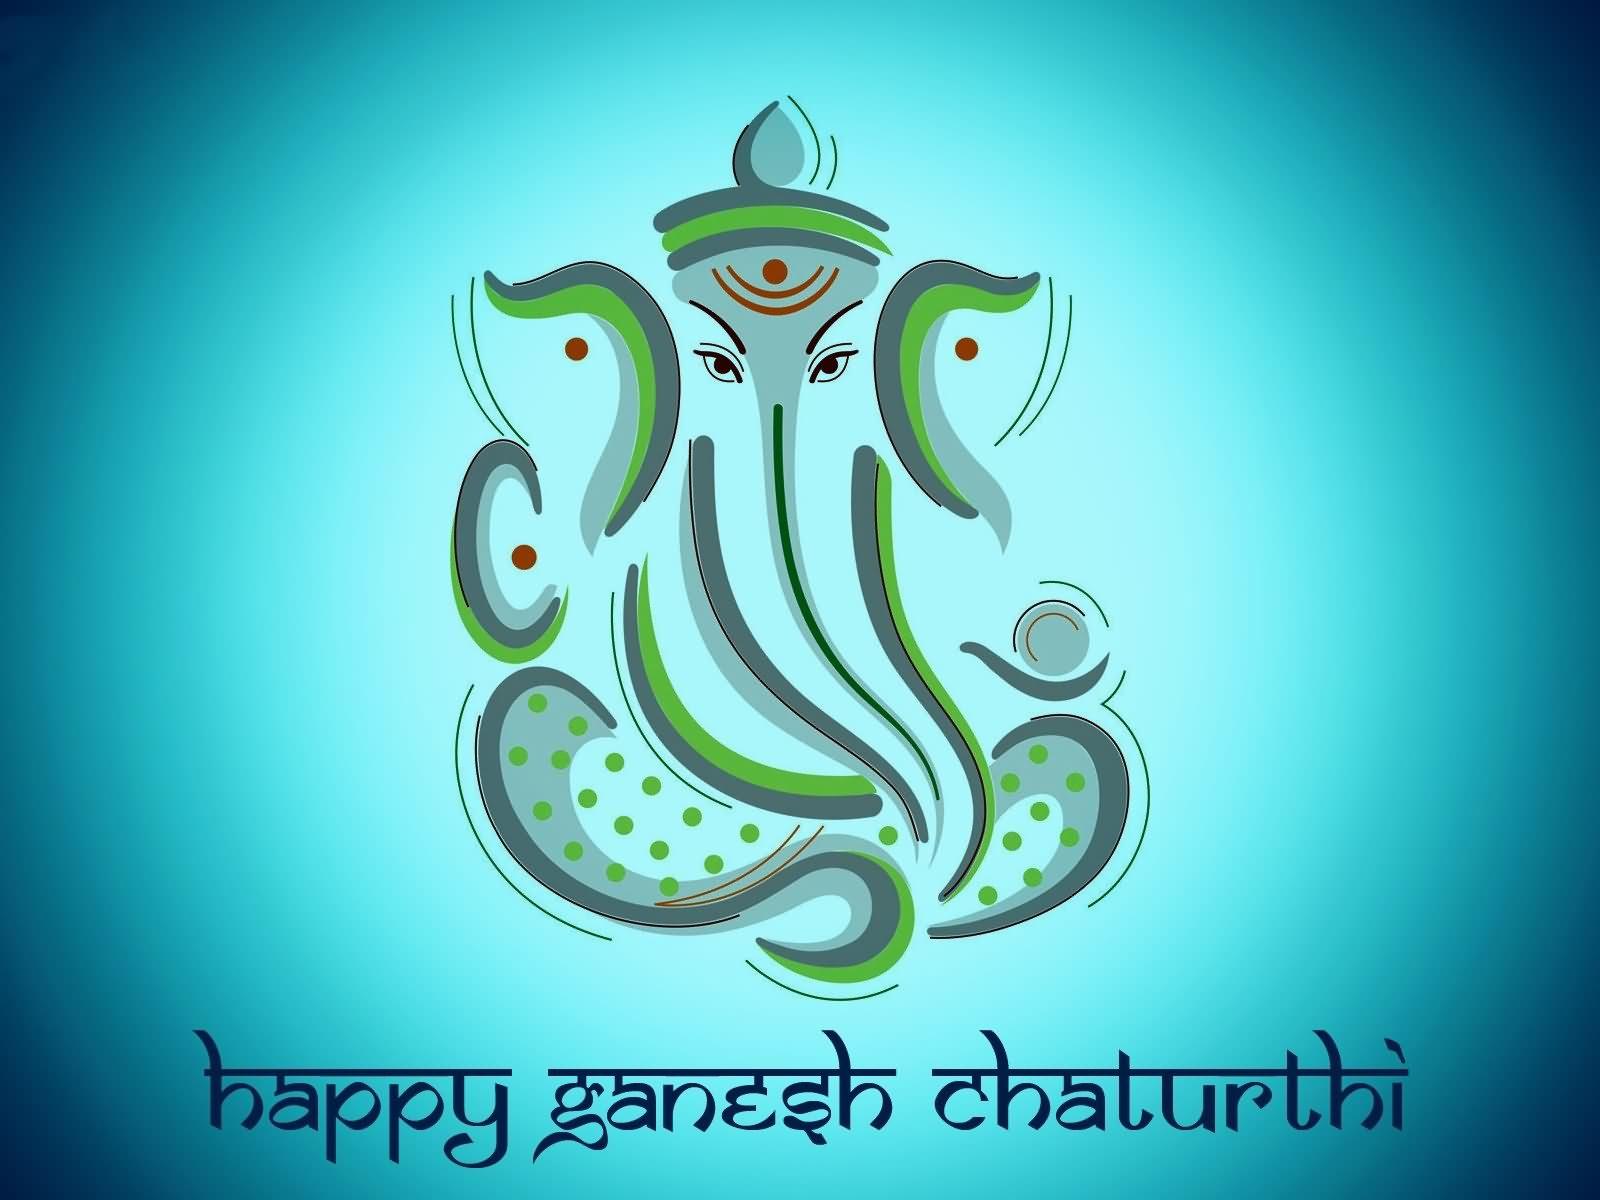 Ganesh Ji Ki Jai